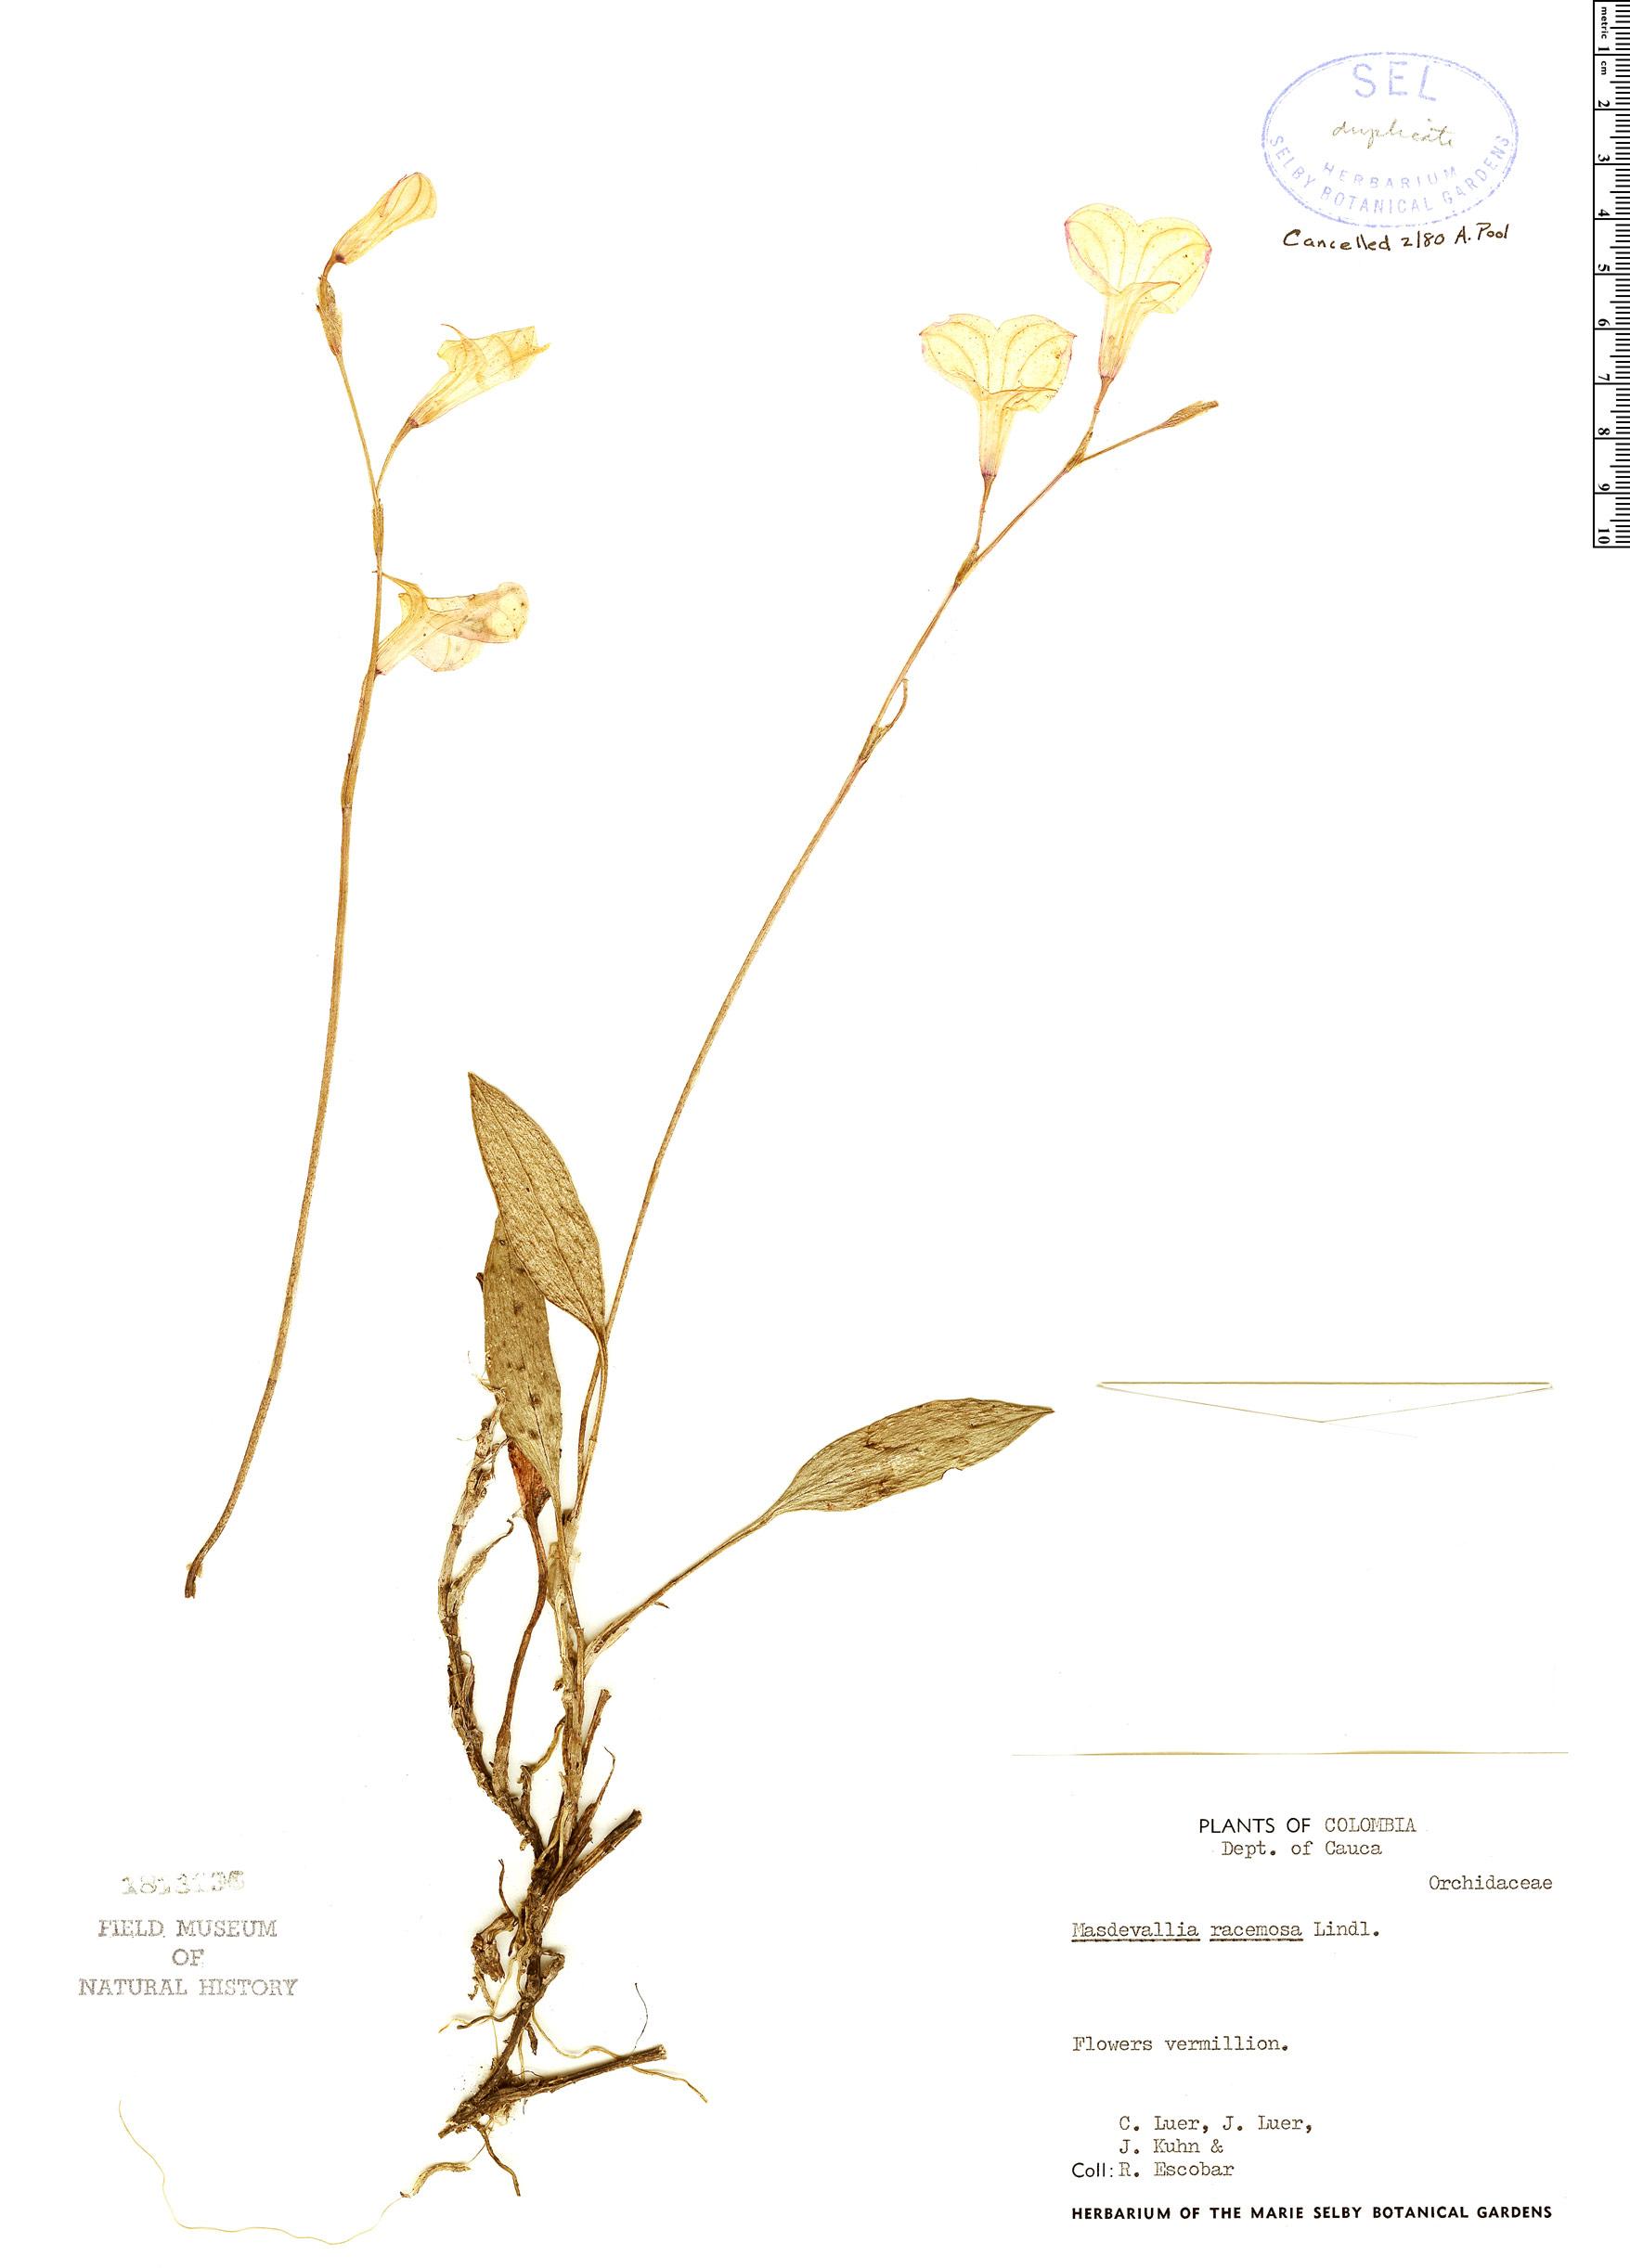 Specimen: Masdevallia racemosa